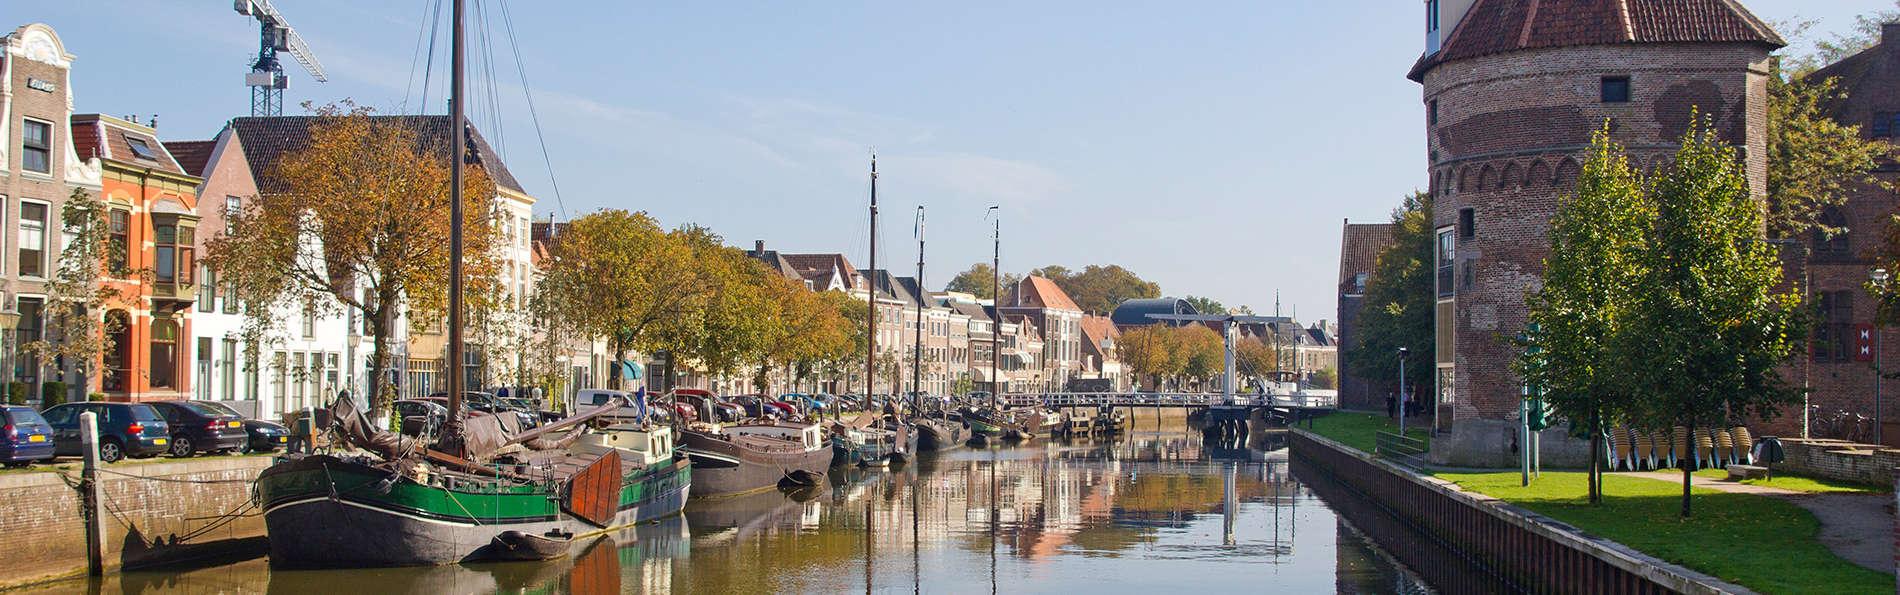 Découvrez la nature de la belle ville de Zwolle avec hébergement de luxe